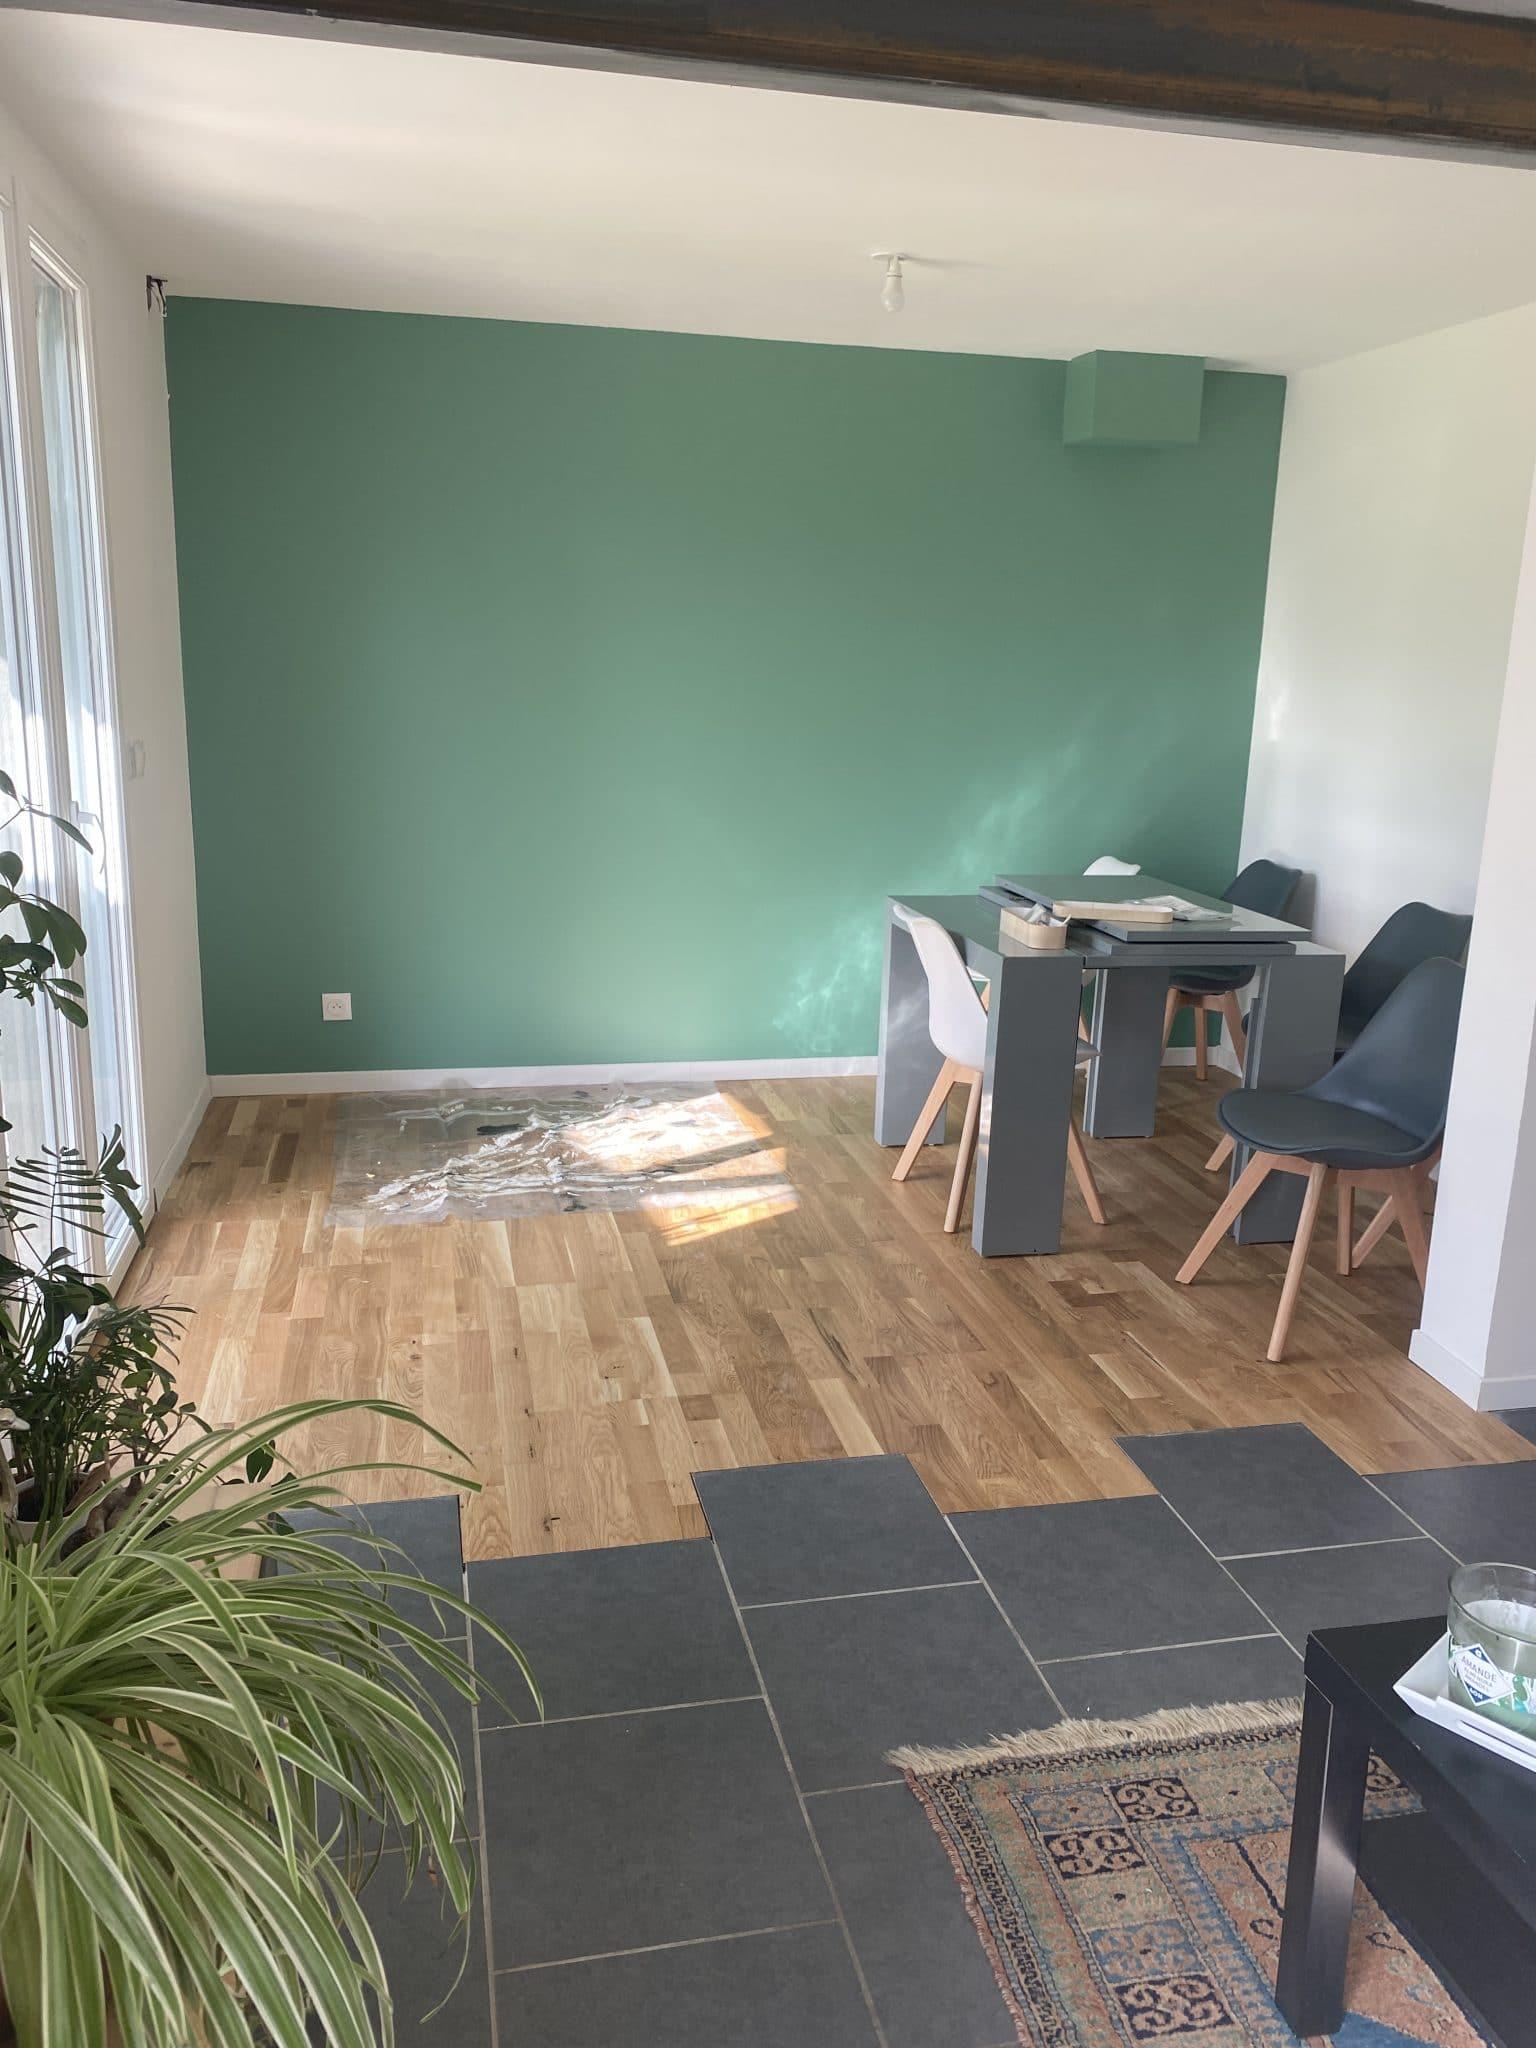 Rénovation d'un salon à Sablons (33)